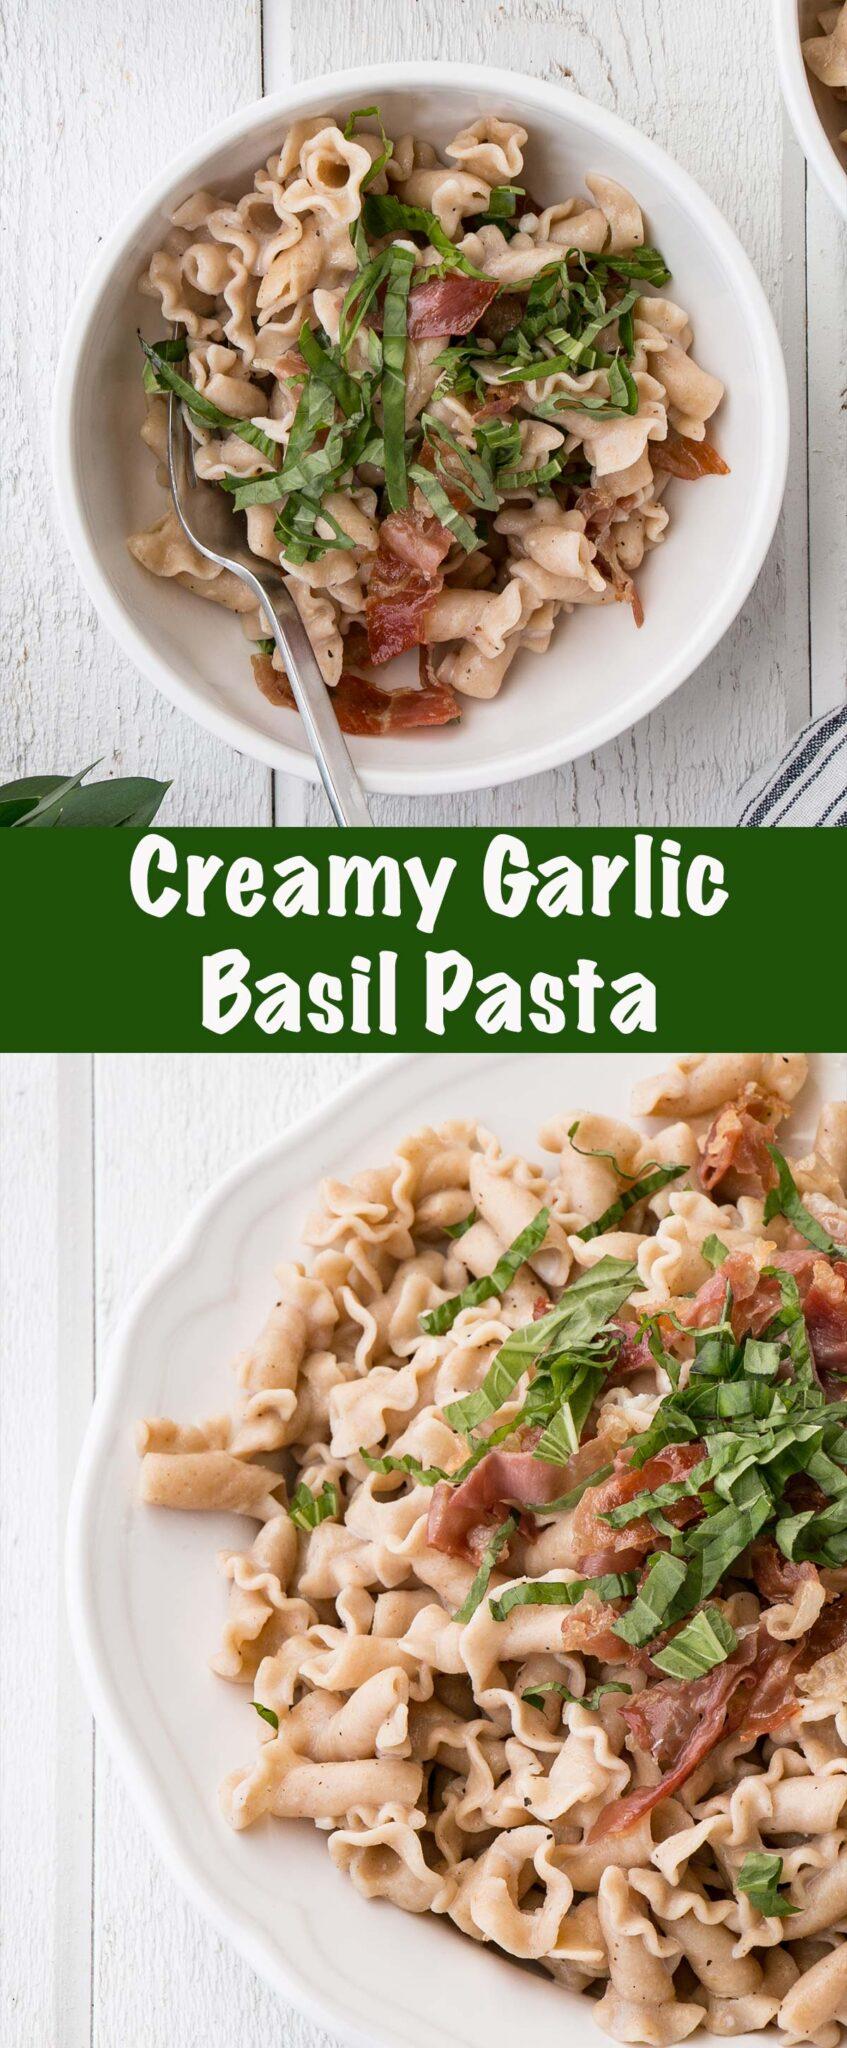 Long collage of Creamy Garlic Basil Pasta